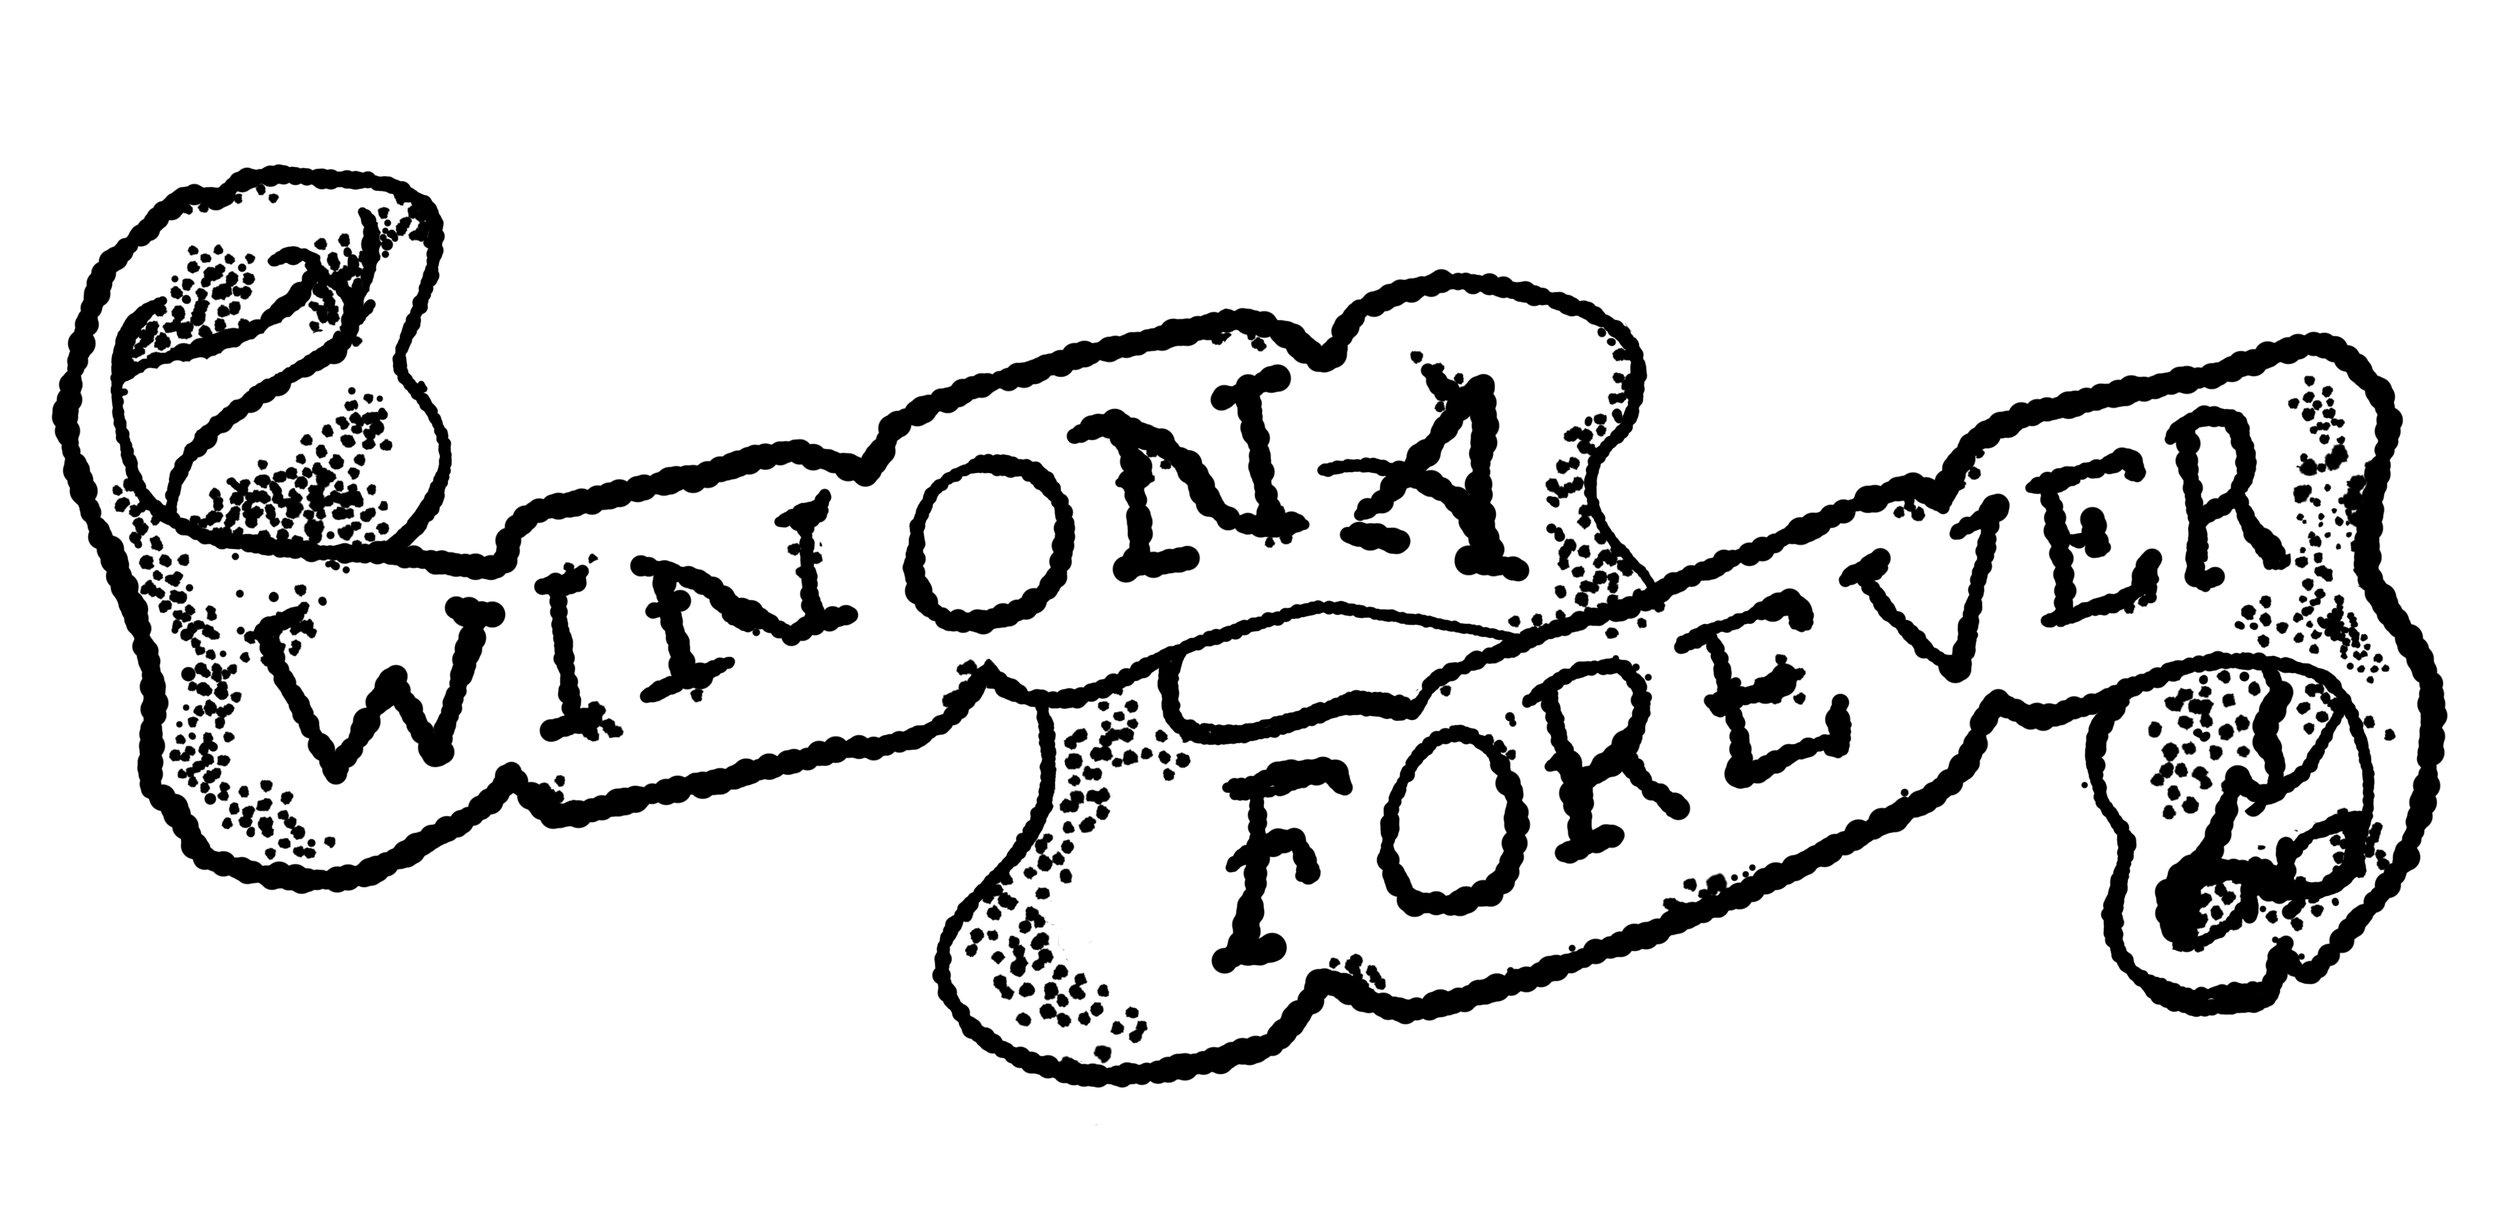 winona forever_final.jpg